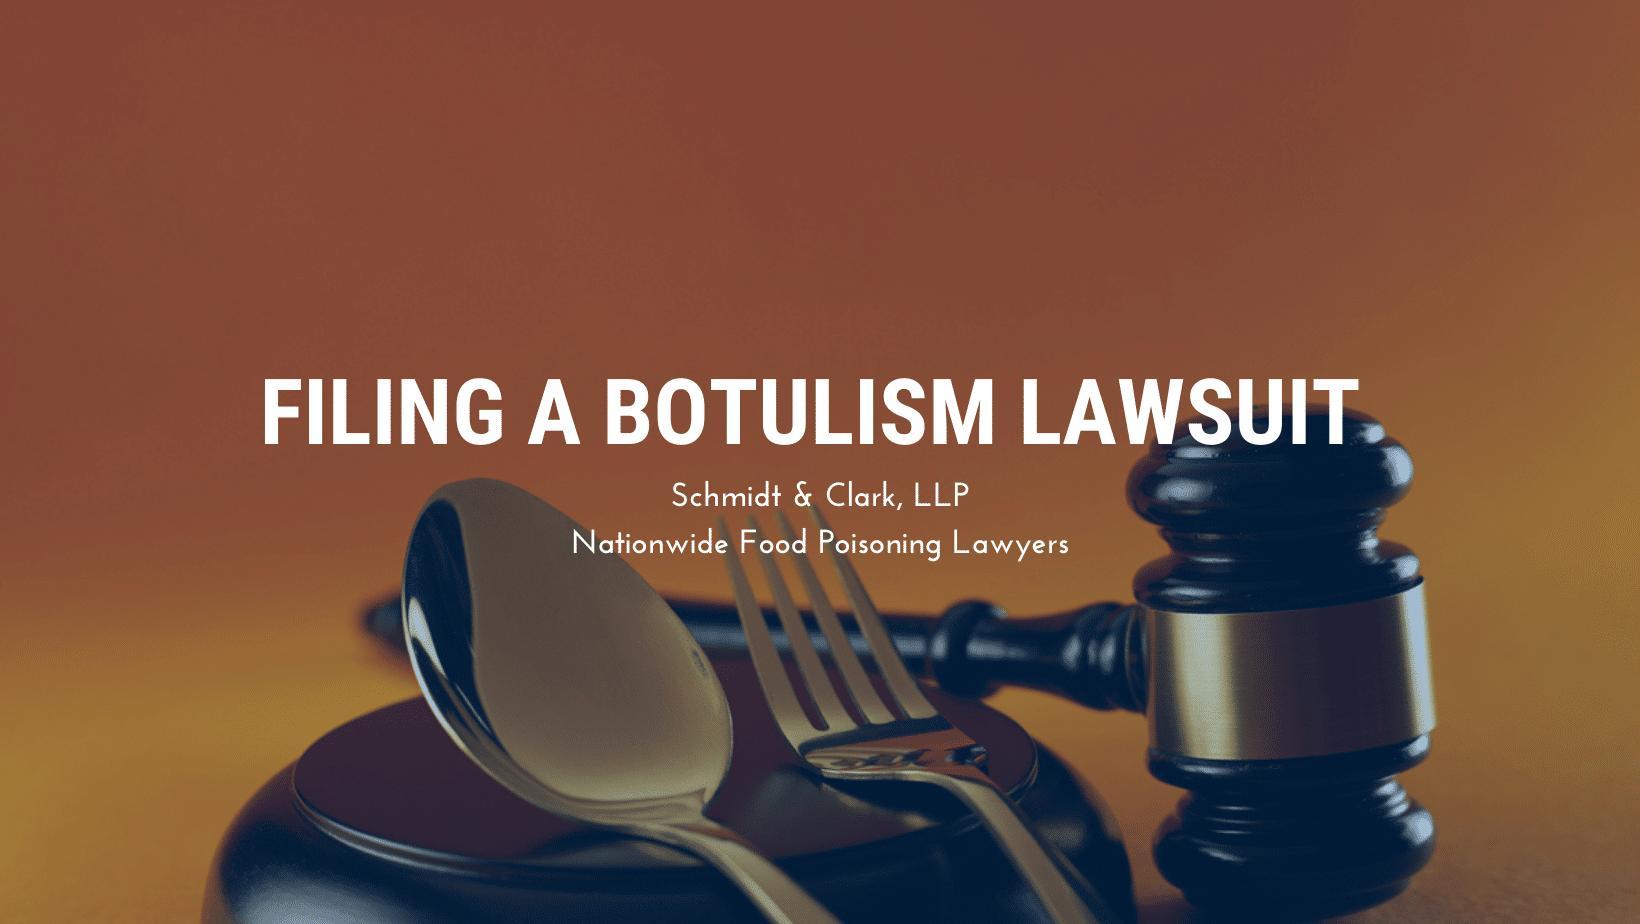 Filing a Botulism lawsuit